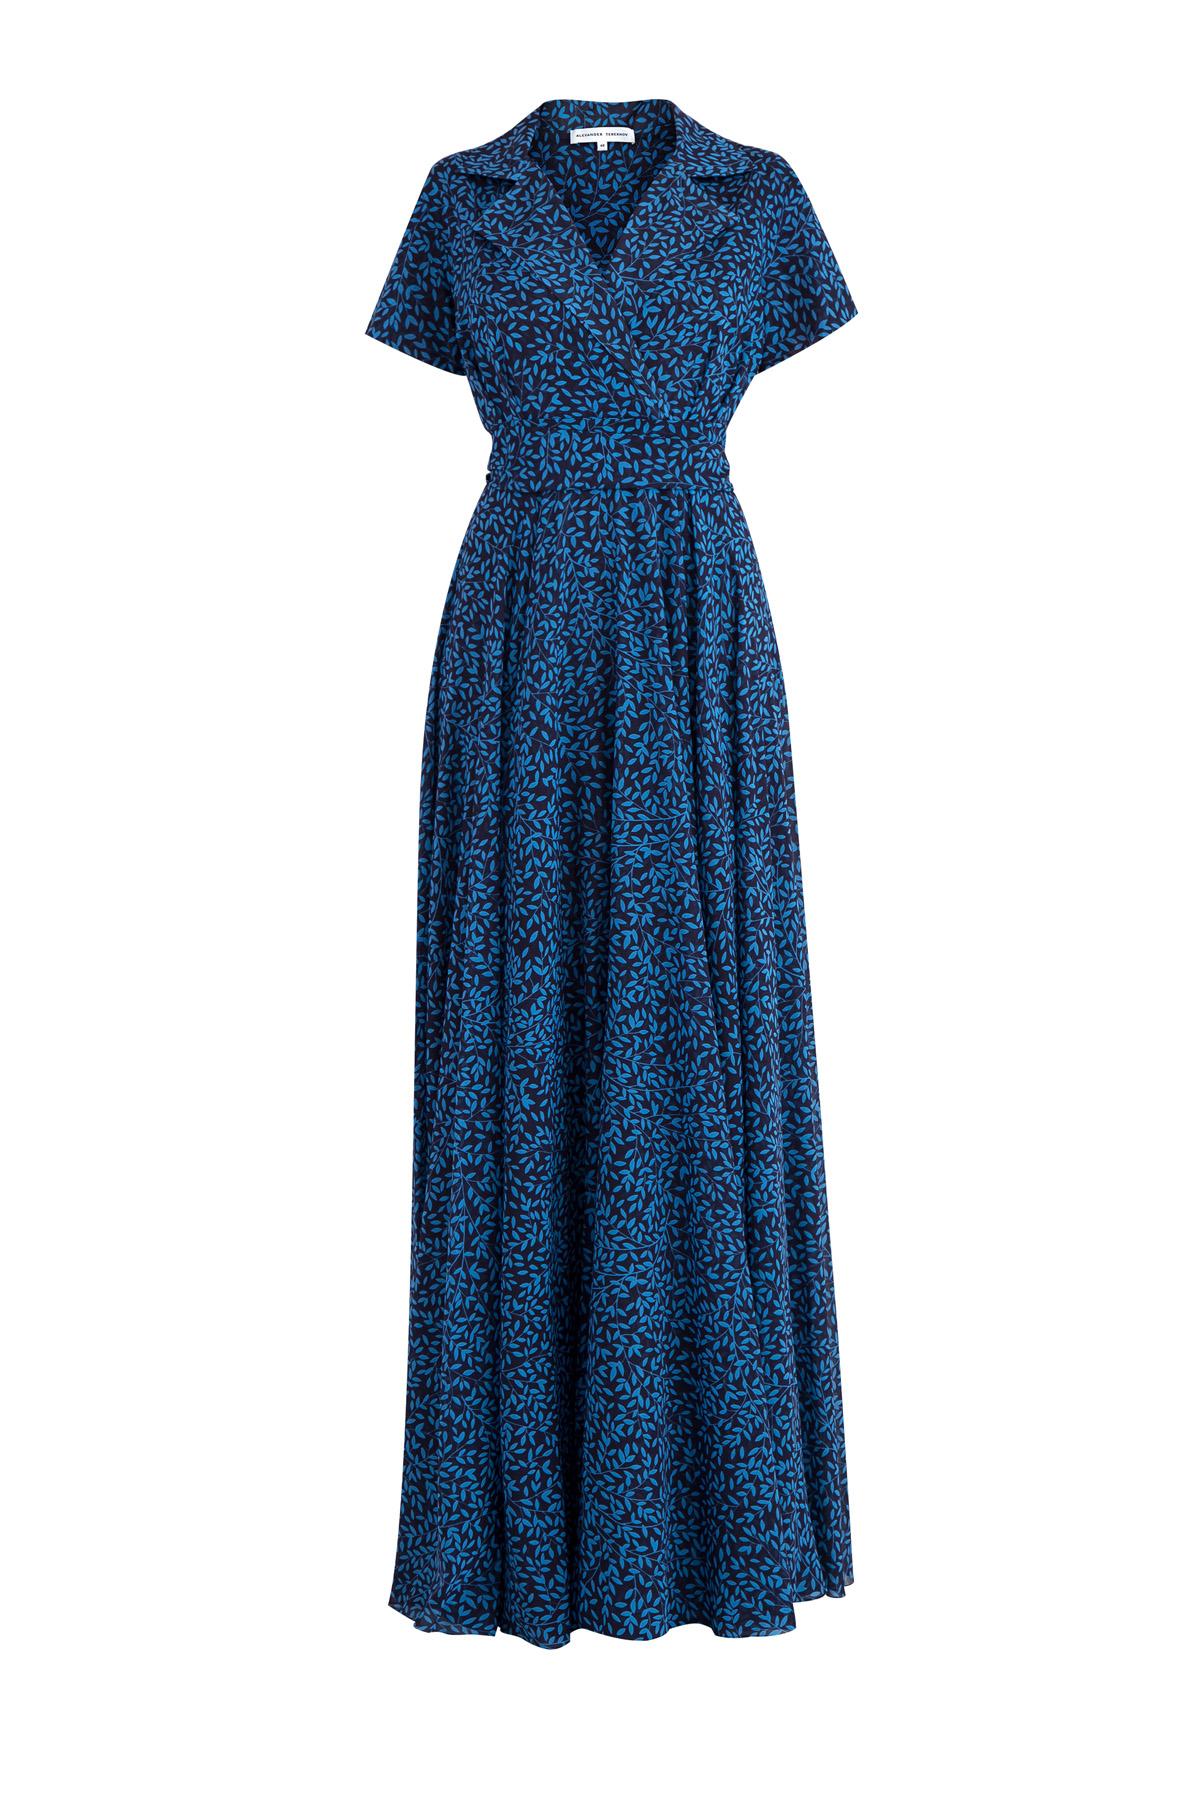 Купить Шелковое платье-макси с контрастным принтом и воротом с лацканами, ALEXANDER TEREKHOV, Россия, шелк 95%, эластан 5%